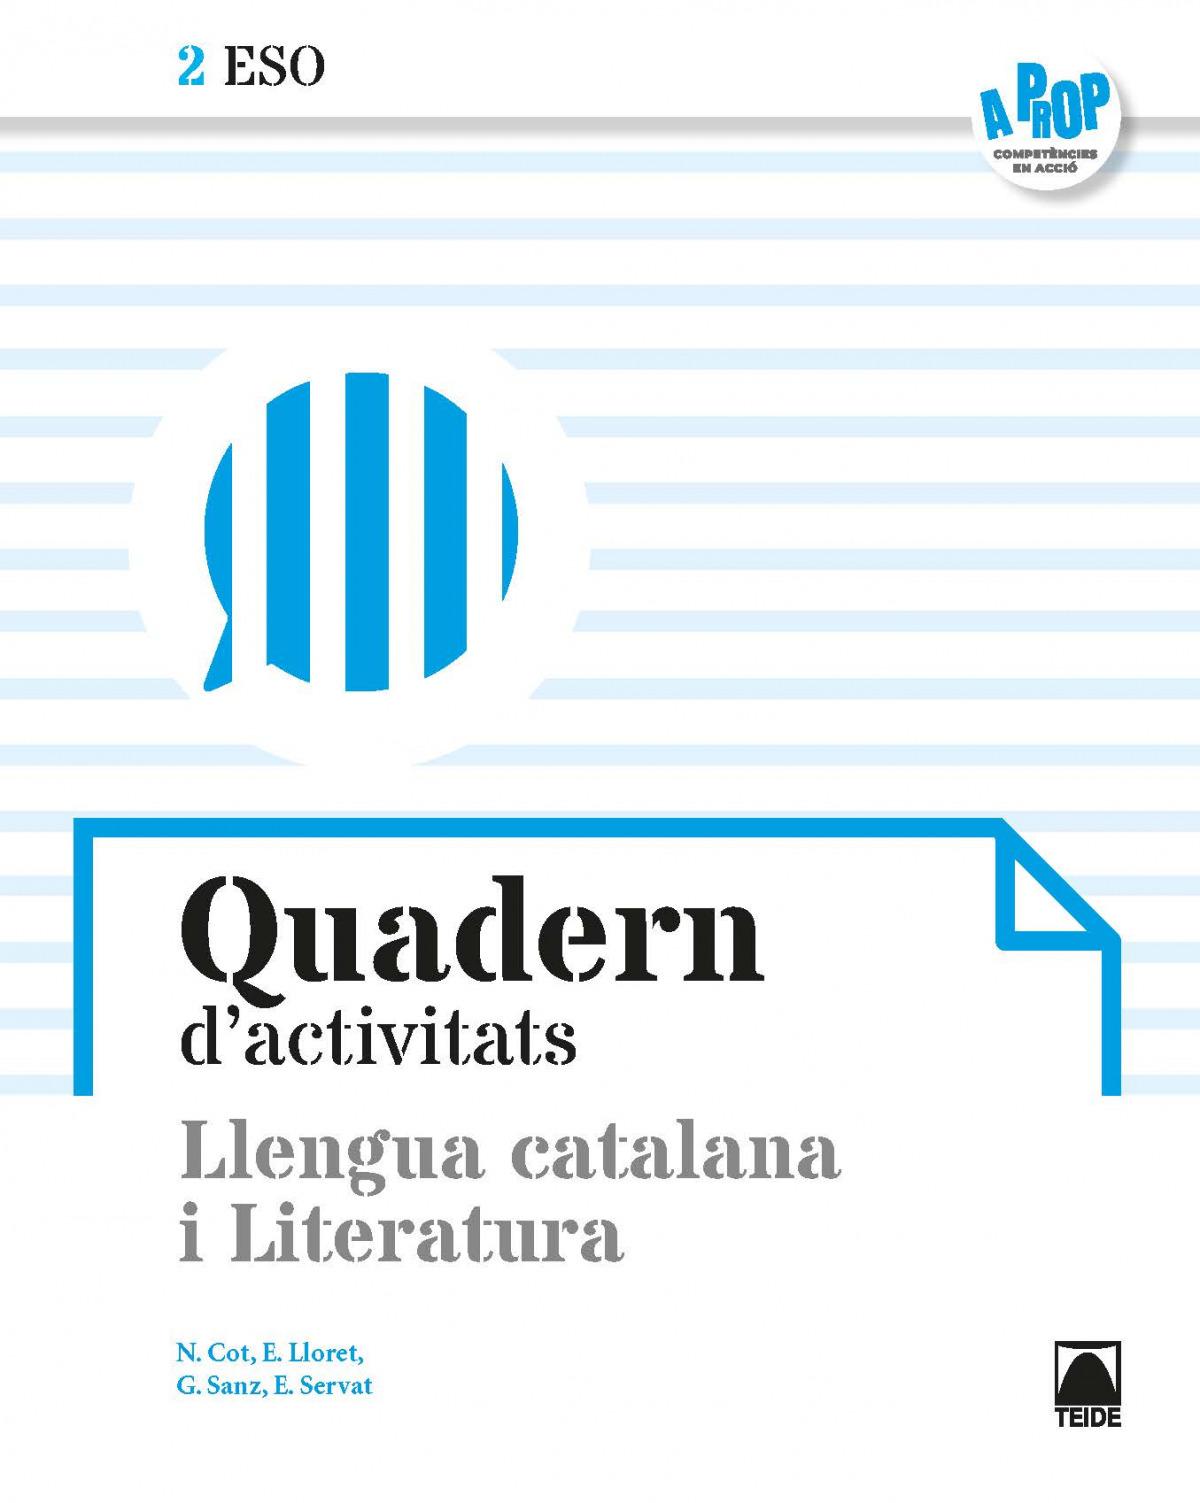 Quadern d'activitats. Llengua catalana i Literatura 2ESO - A prop